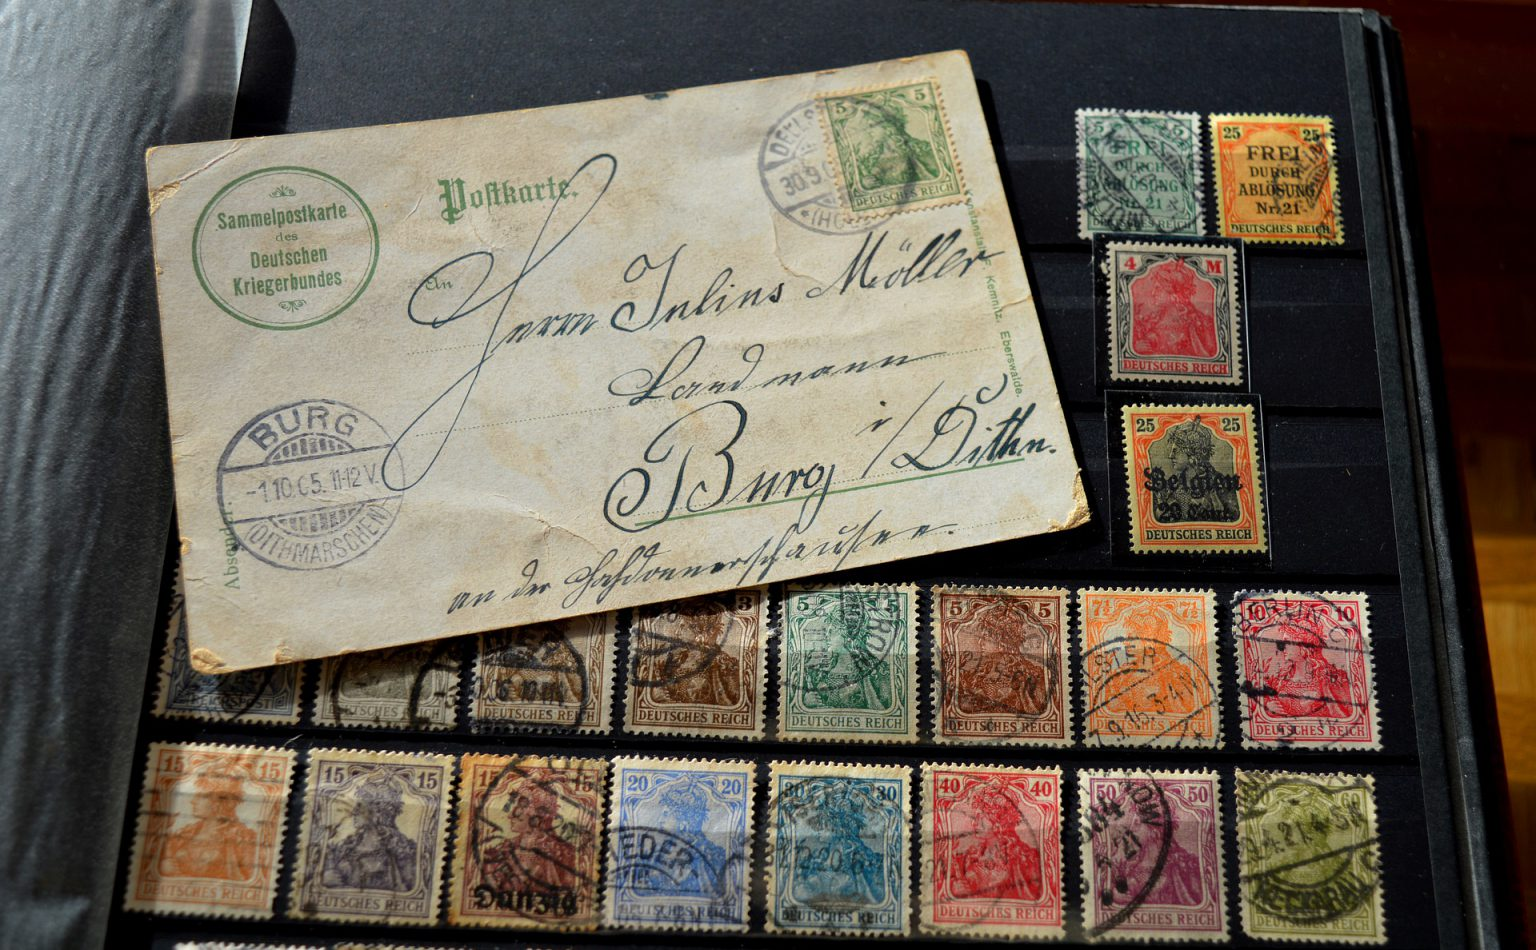 Stamp album